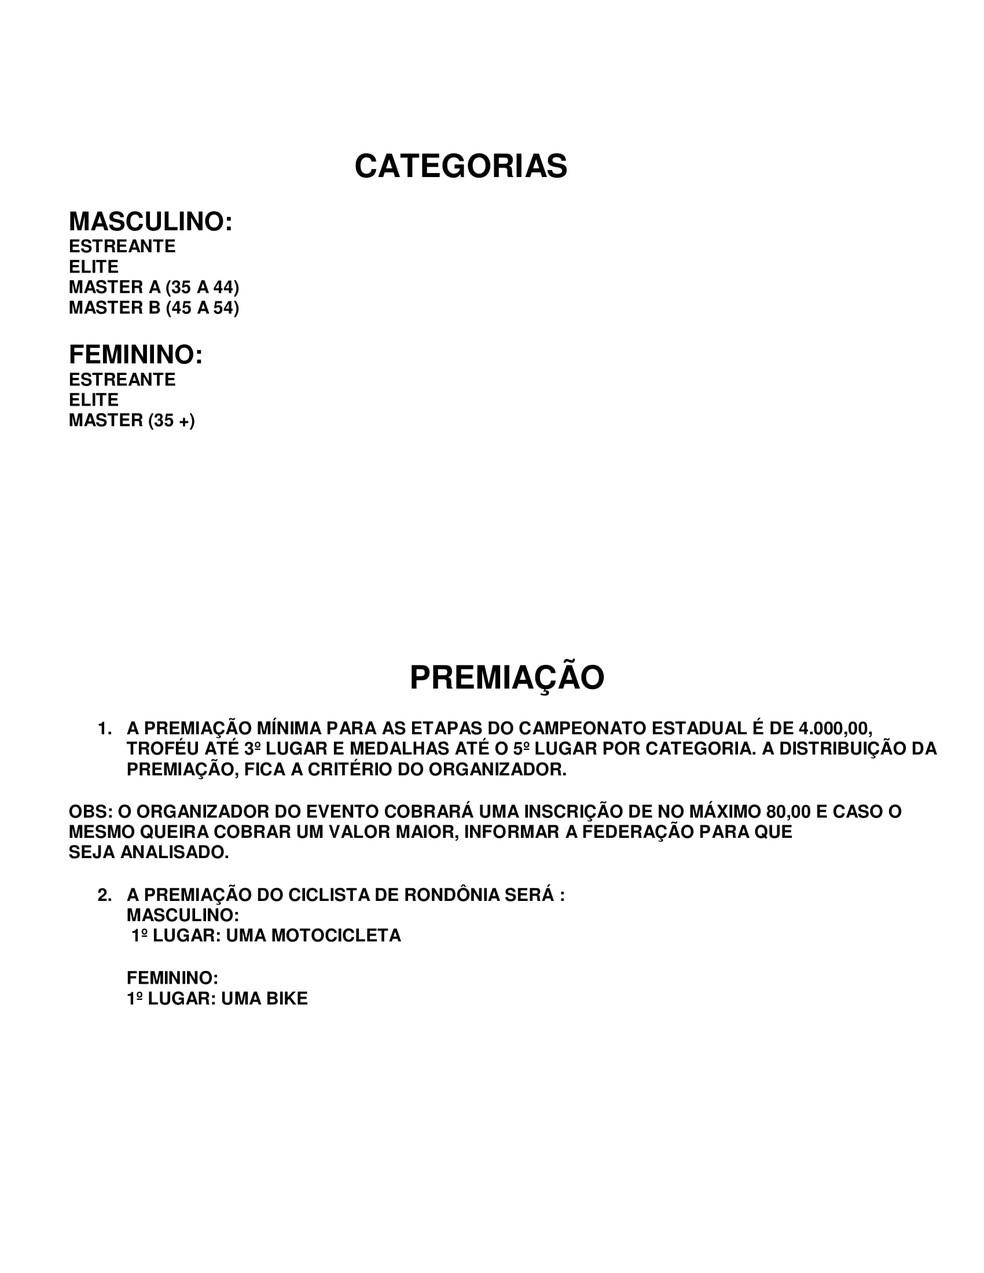 A Federação de Cisclismo de Rondônia (FECRO) lançou calendário para 2021  (Foto: Divulgação)